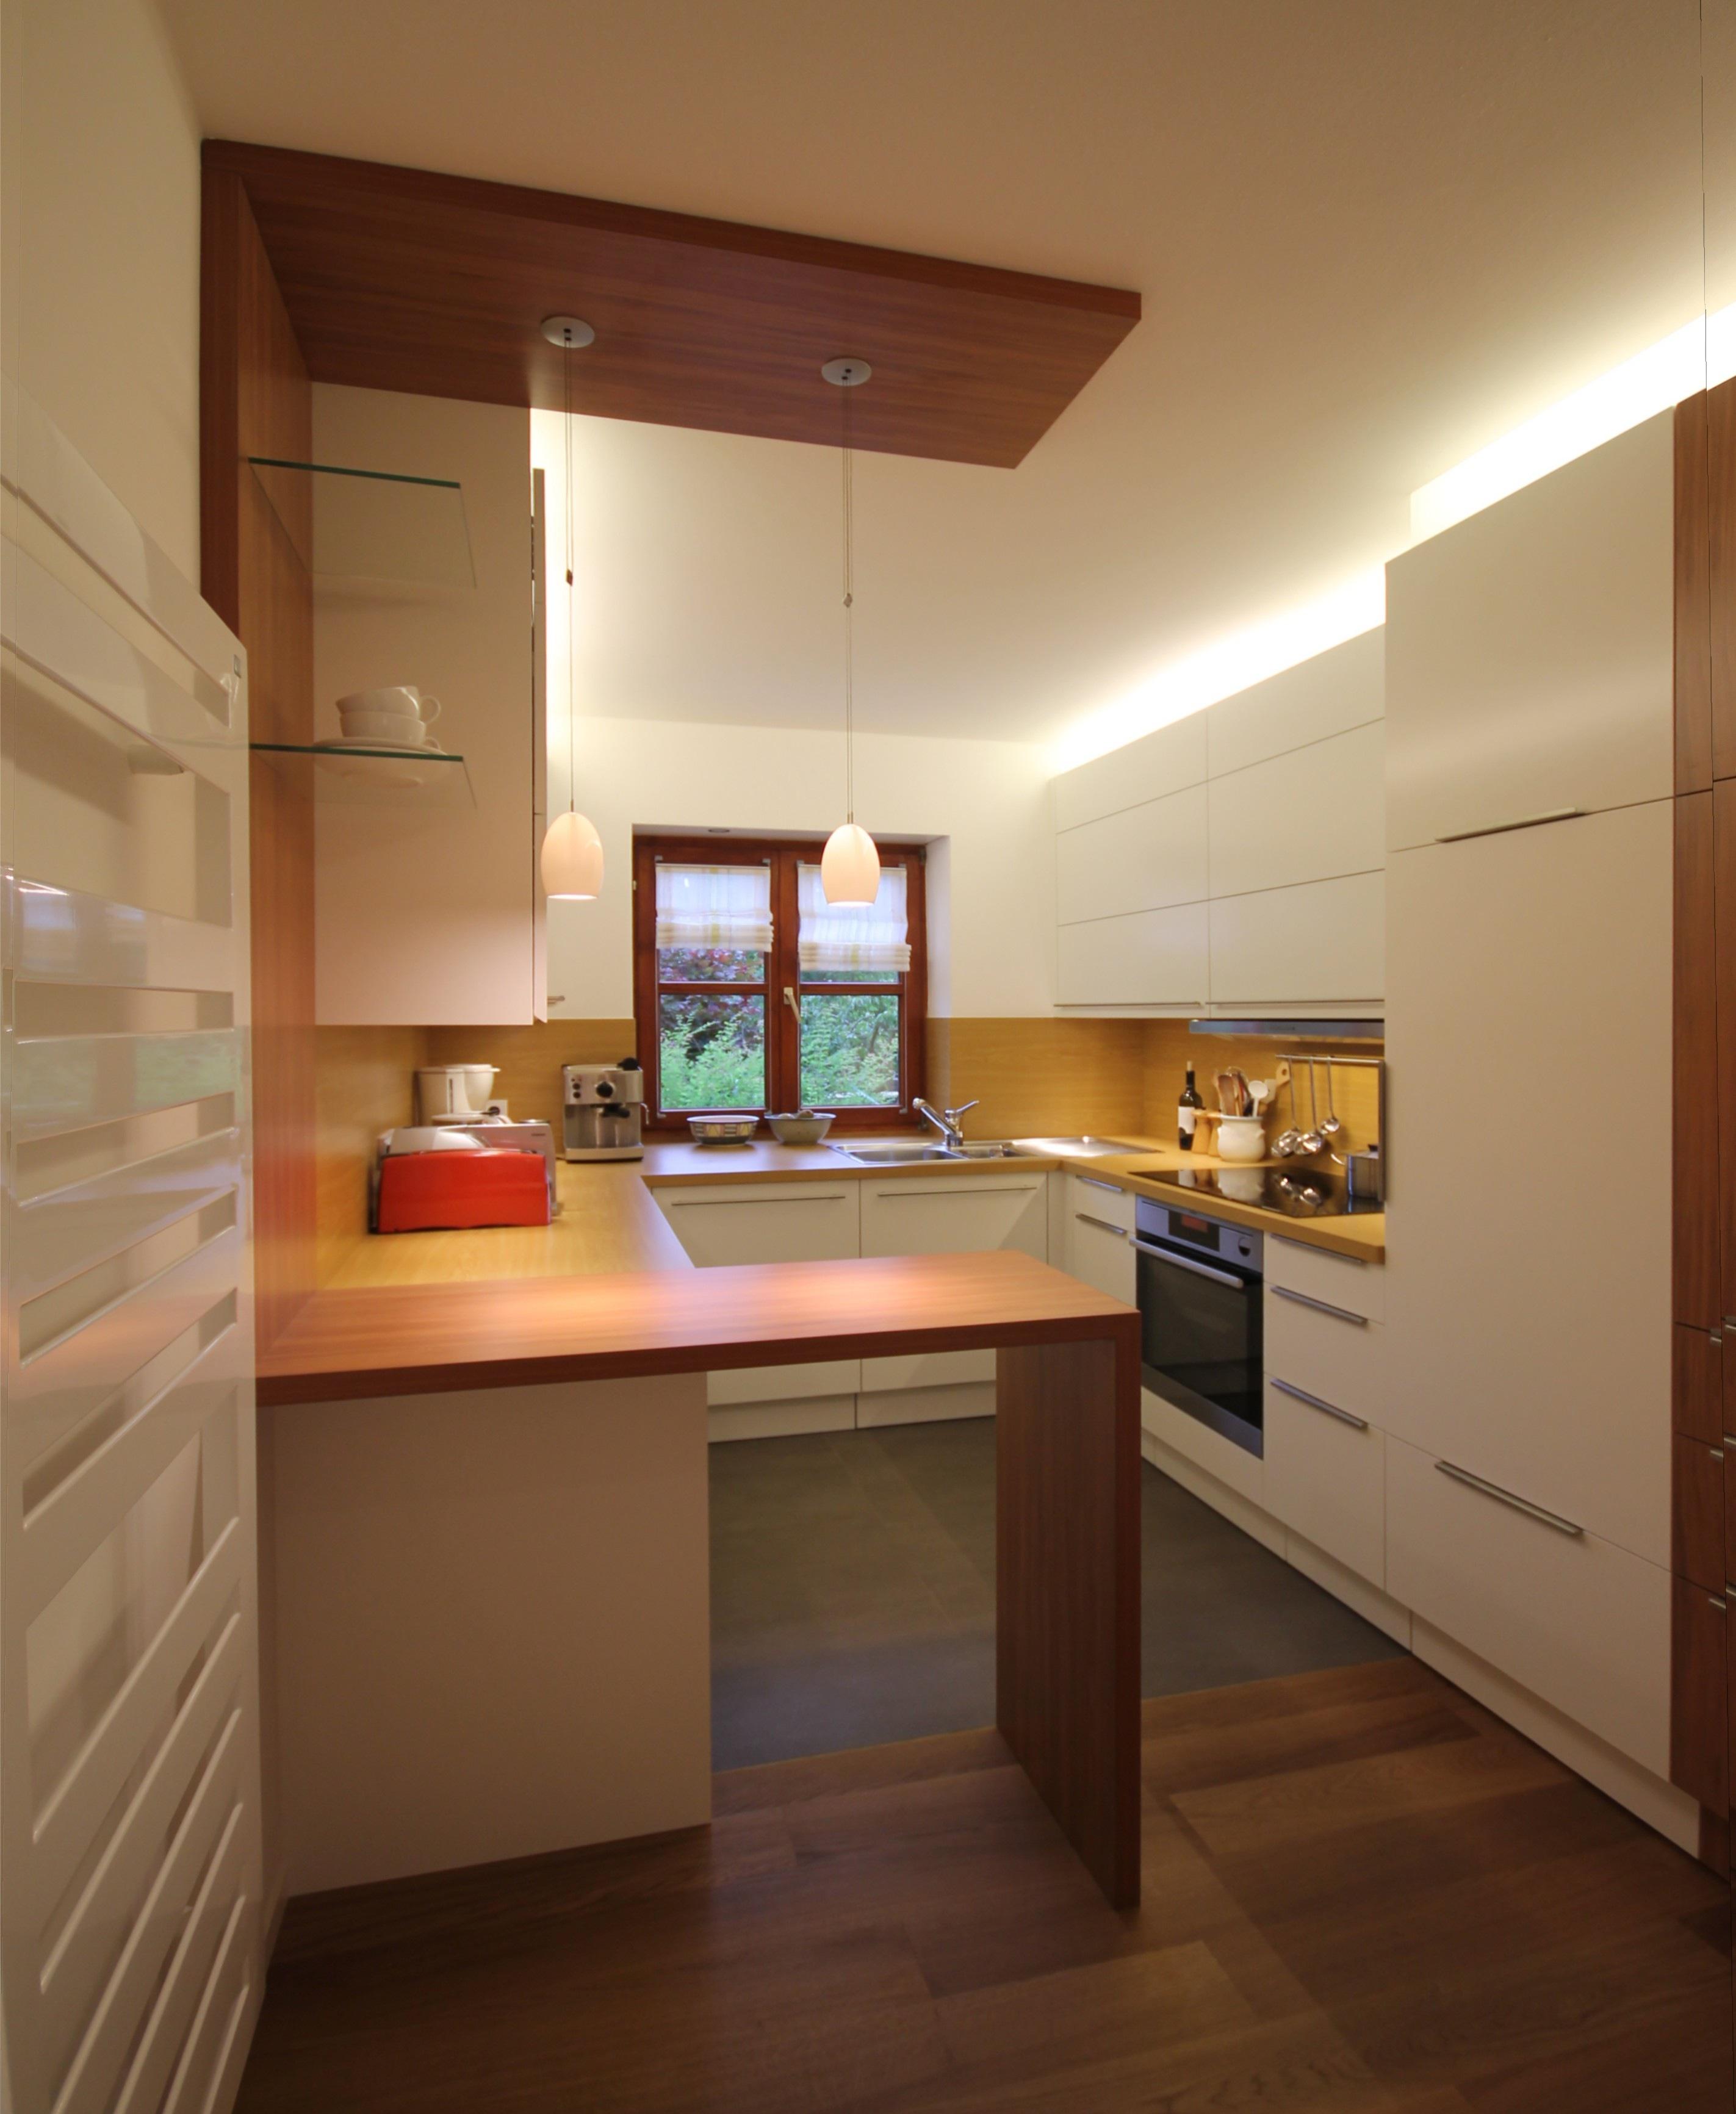 Kuchentheke innenarchitekt eswerderaum eswerderaum for Küchentheke